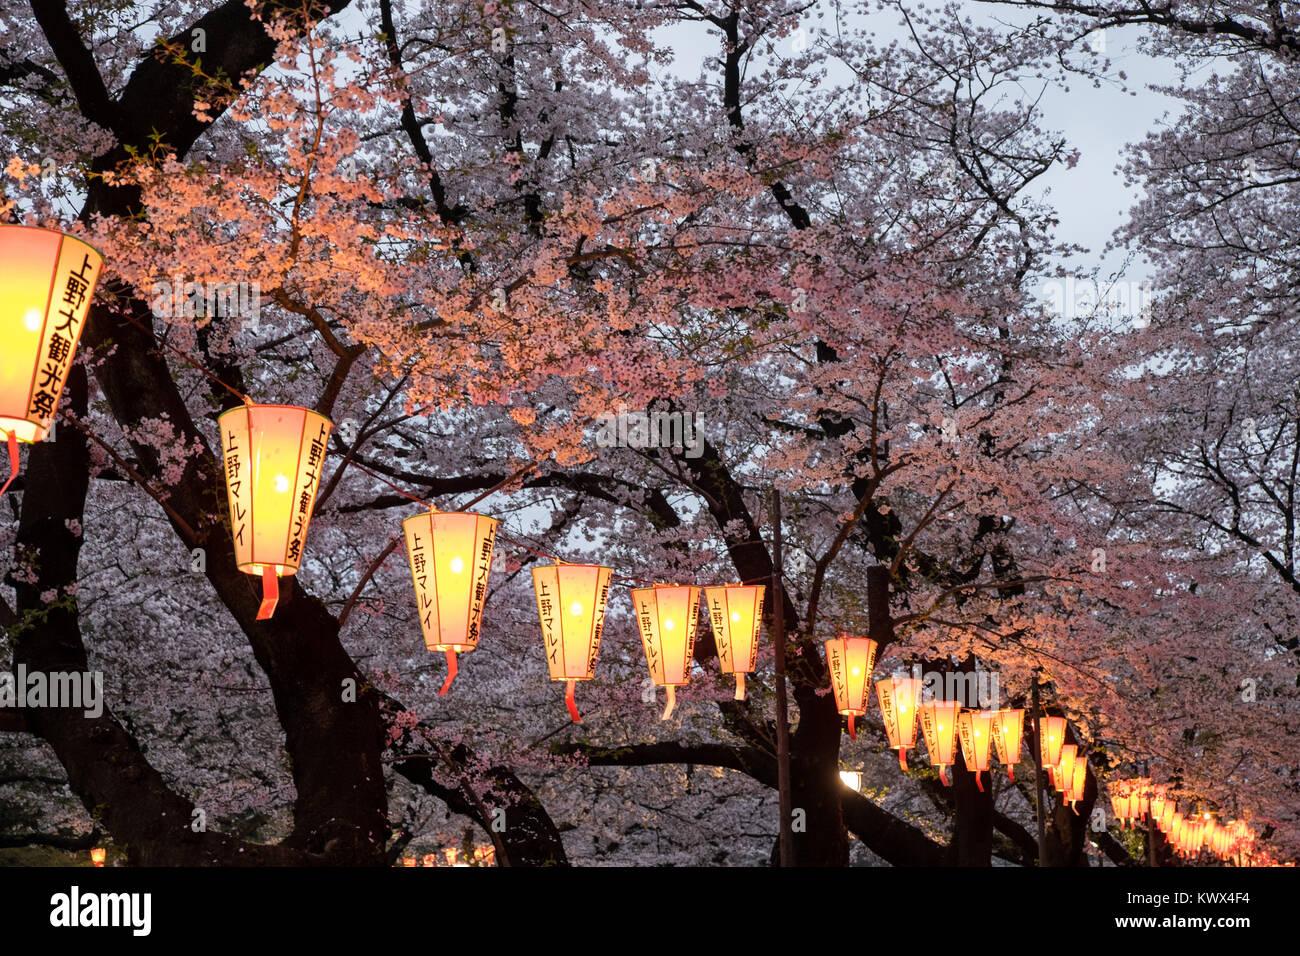 Japan, Tokio: Laternen, Lichter, Straßenbeleuchtung und die Kirschbäume in voller Blüte in der Ueno Stockbild